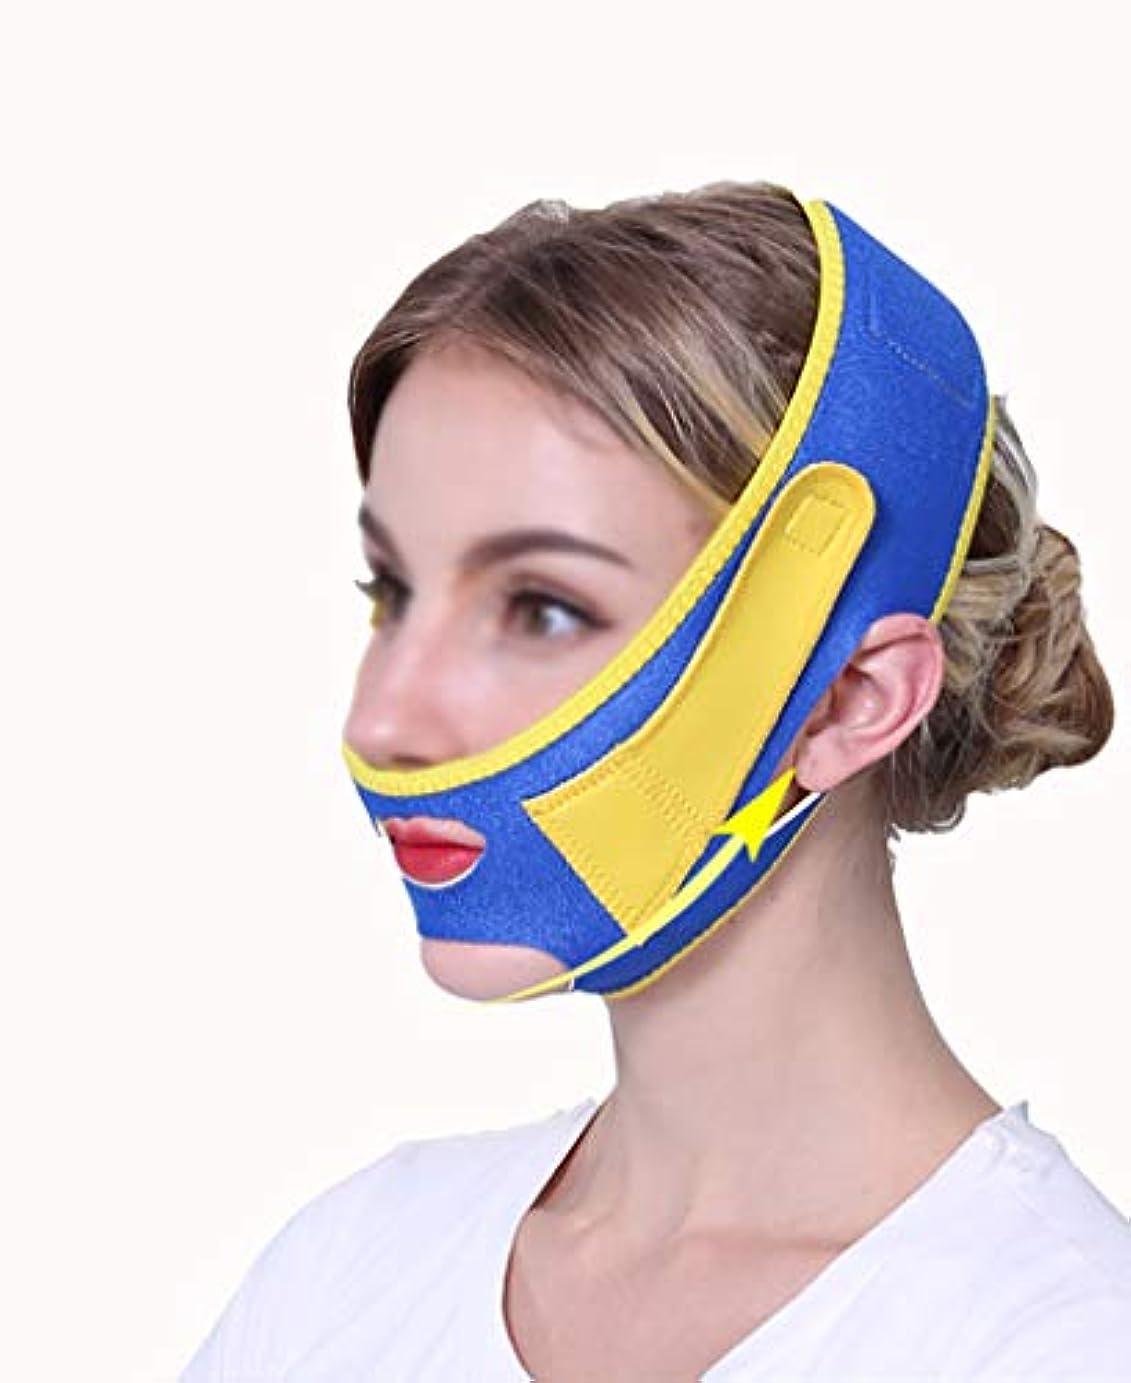 良心サーカス鎖GLJJQMY 薄いフェイスマスクあごストラップ回復包帯薄いフェイスマスクVフェイスステッカーフェイスステッカー韓国本物のリフティング引き締め形状の薄い二重あごの薄い顔の睡眠包帯アーティファクト 顔用整形マスク